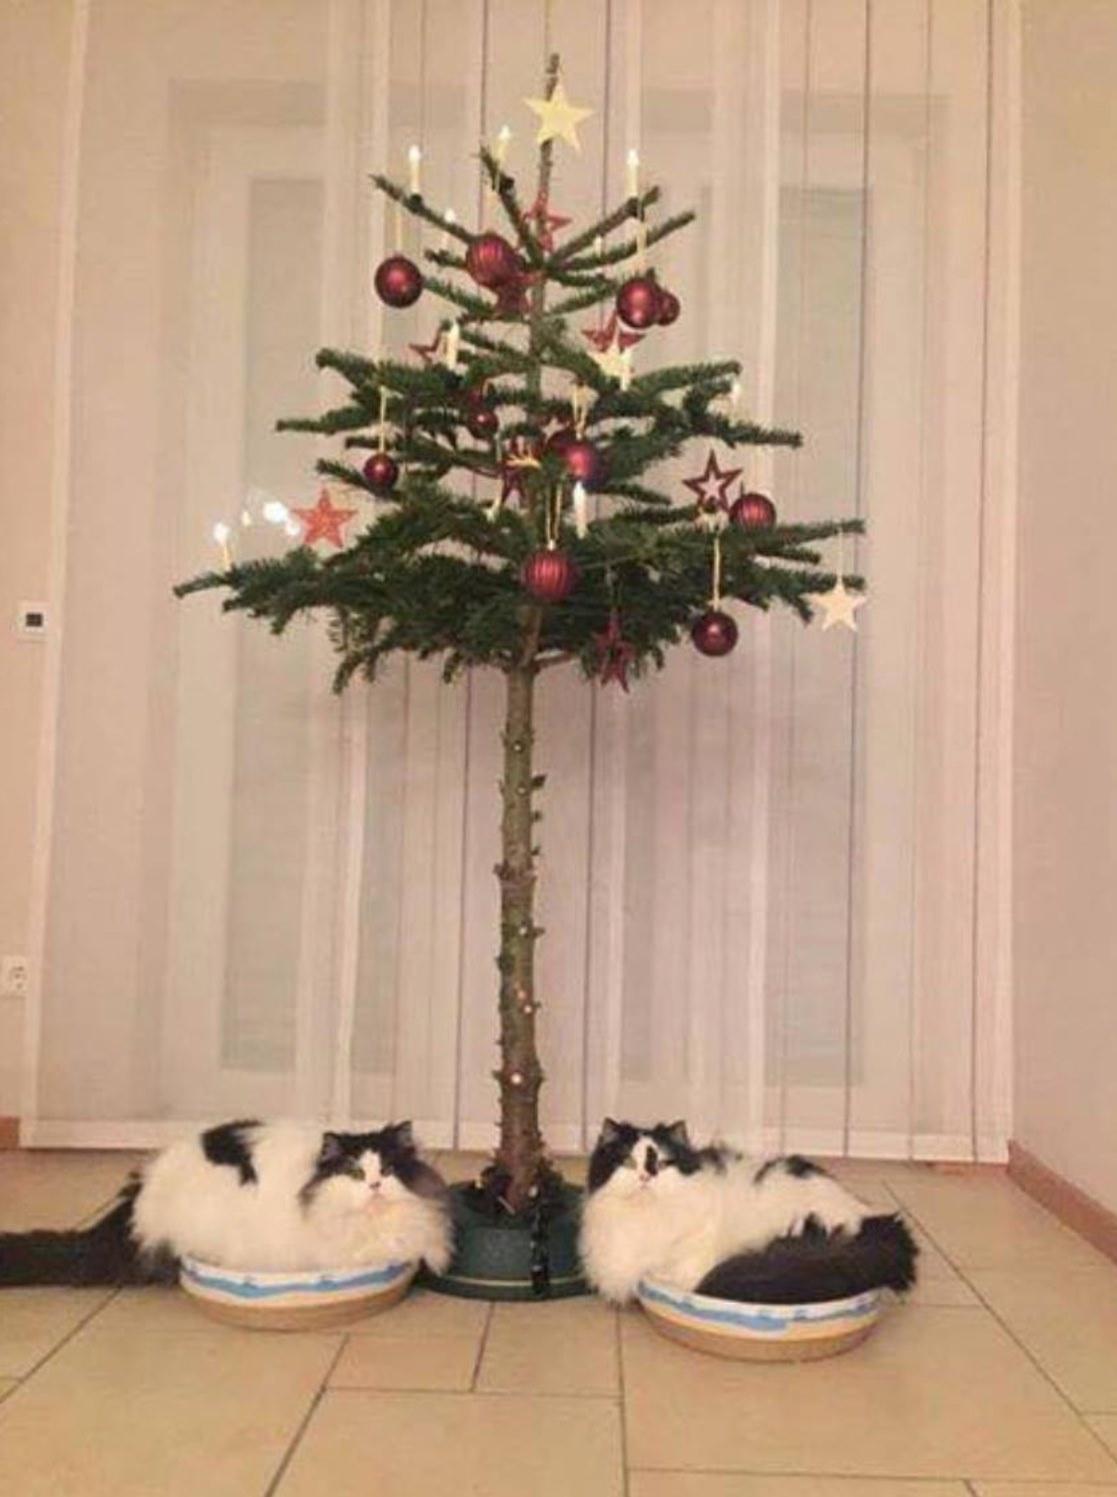 Katzensichere Weihnachtsbäume